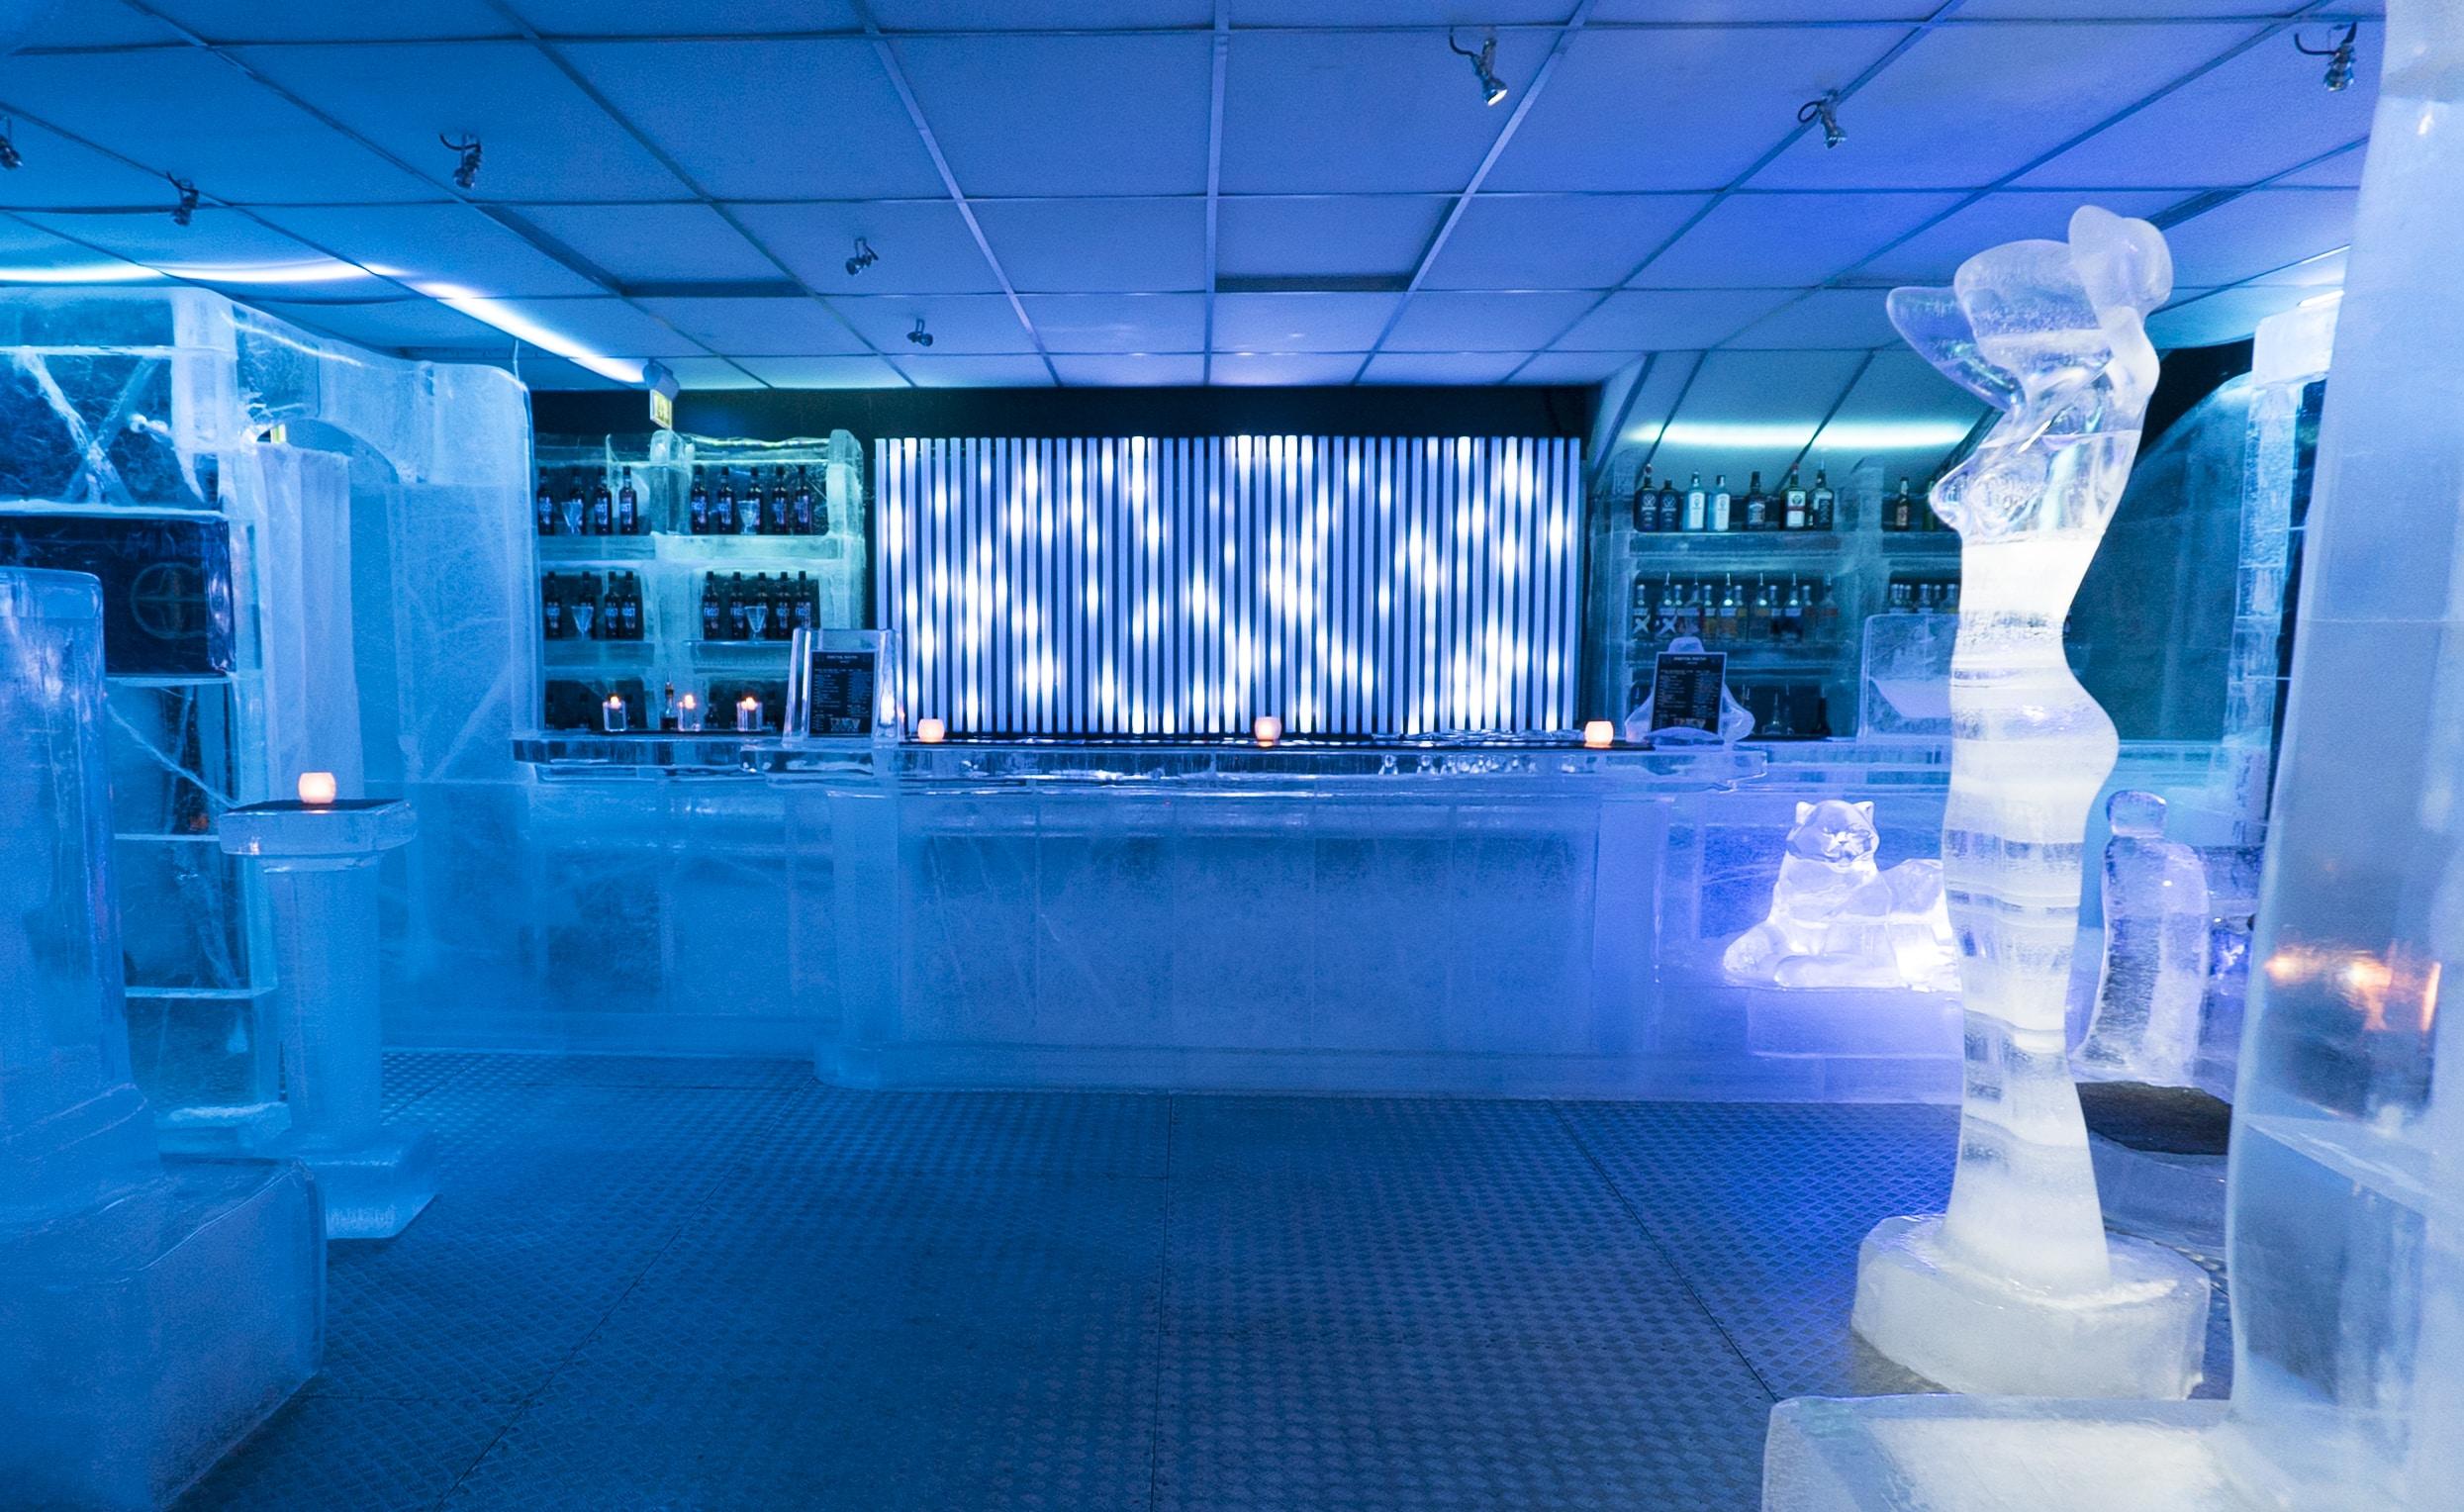 Magic Ice Bar Oslo - A Unique Attraction